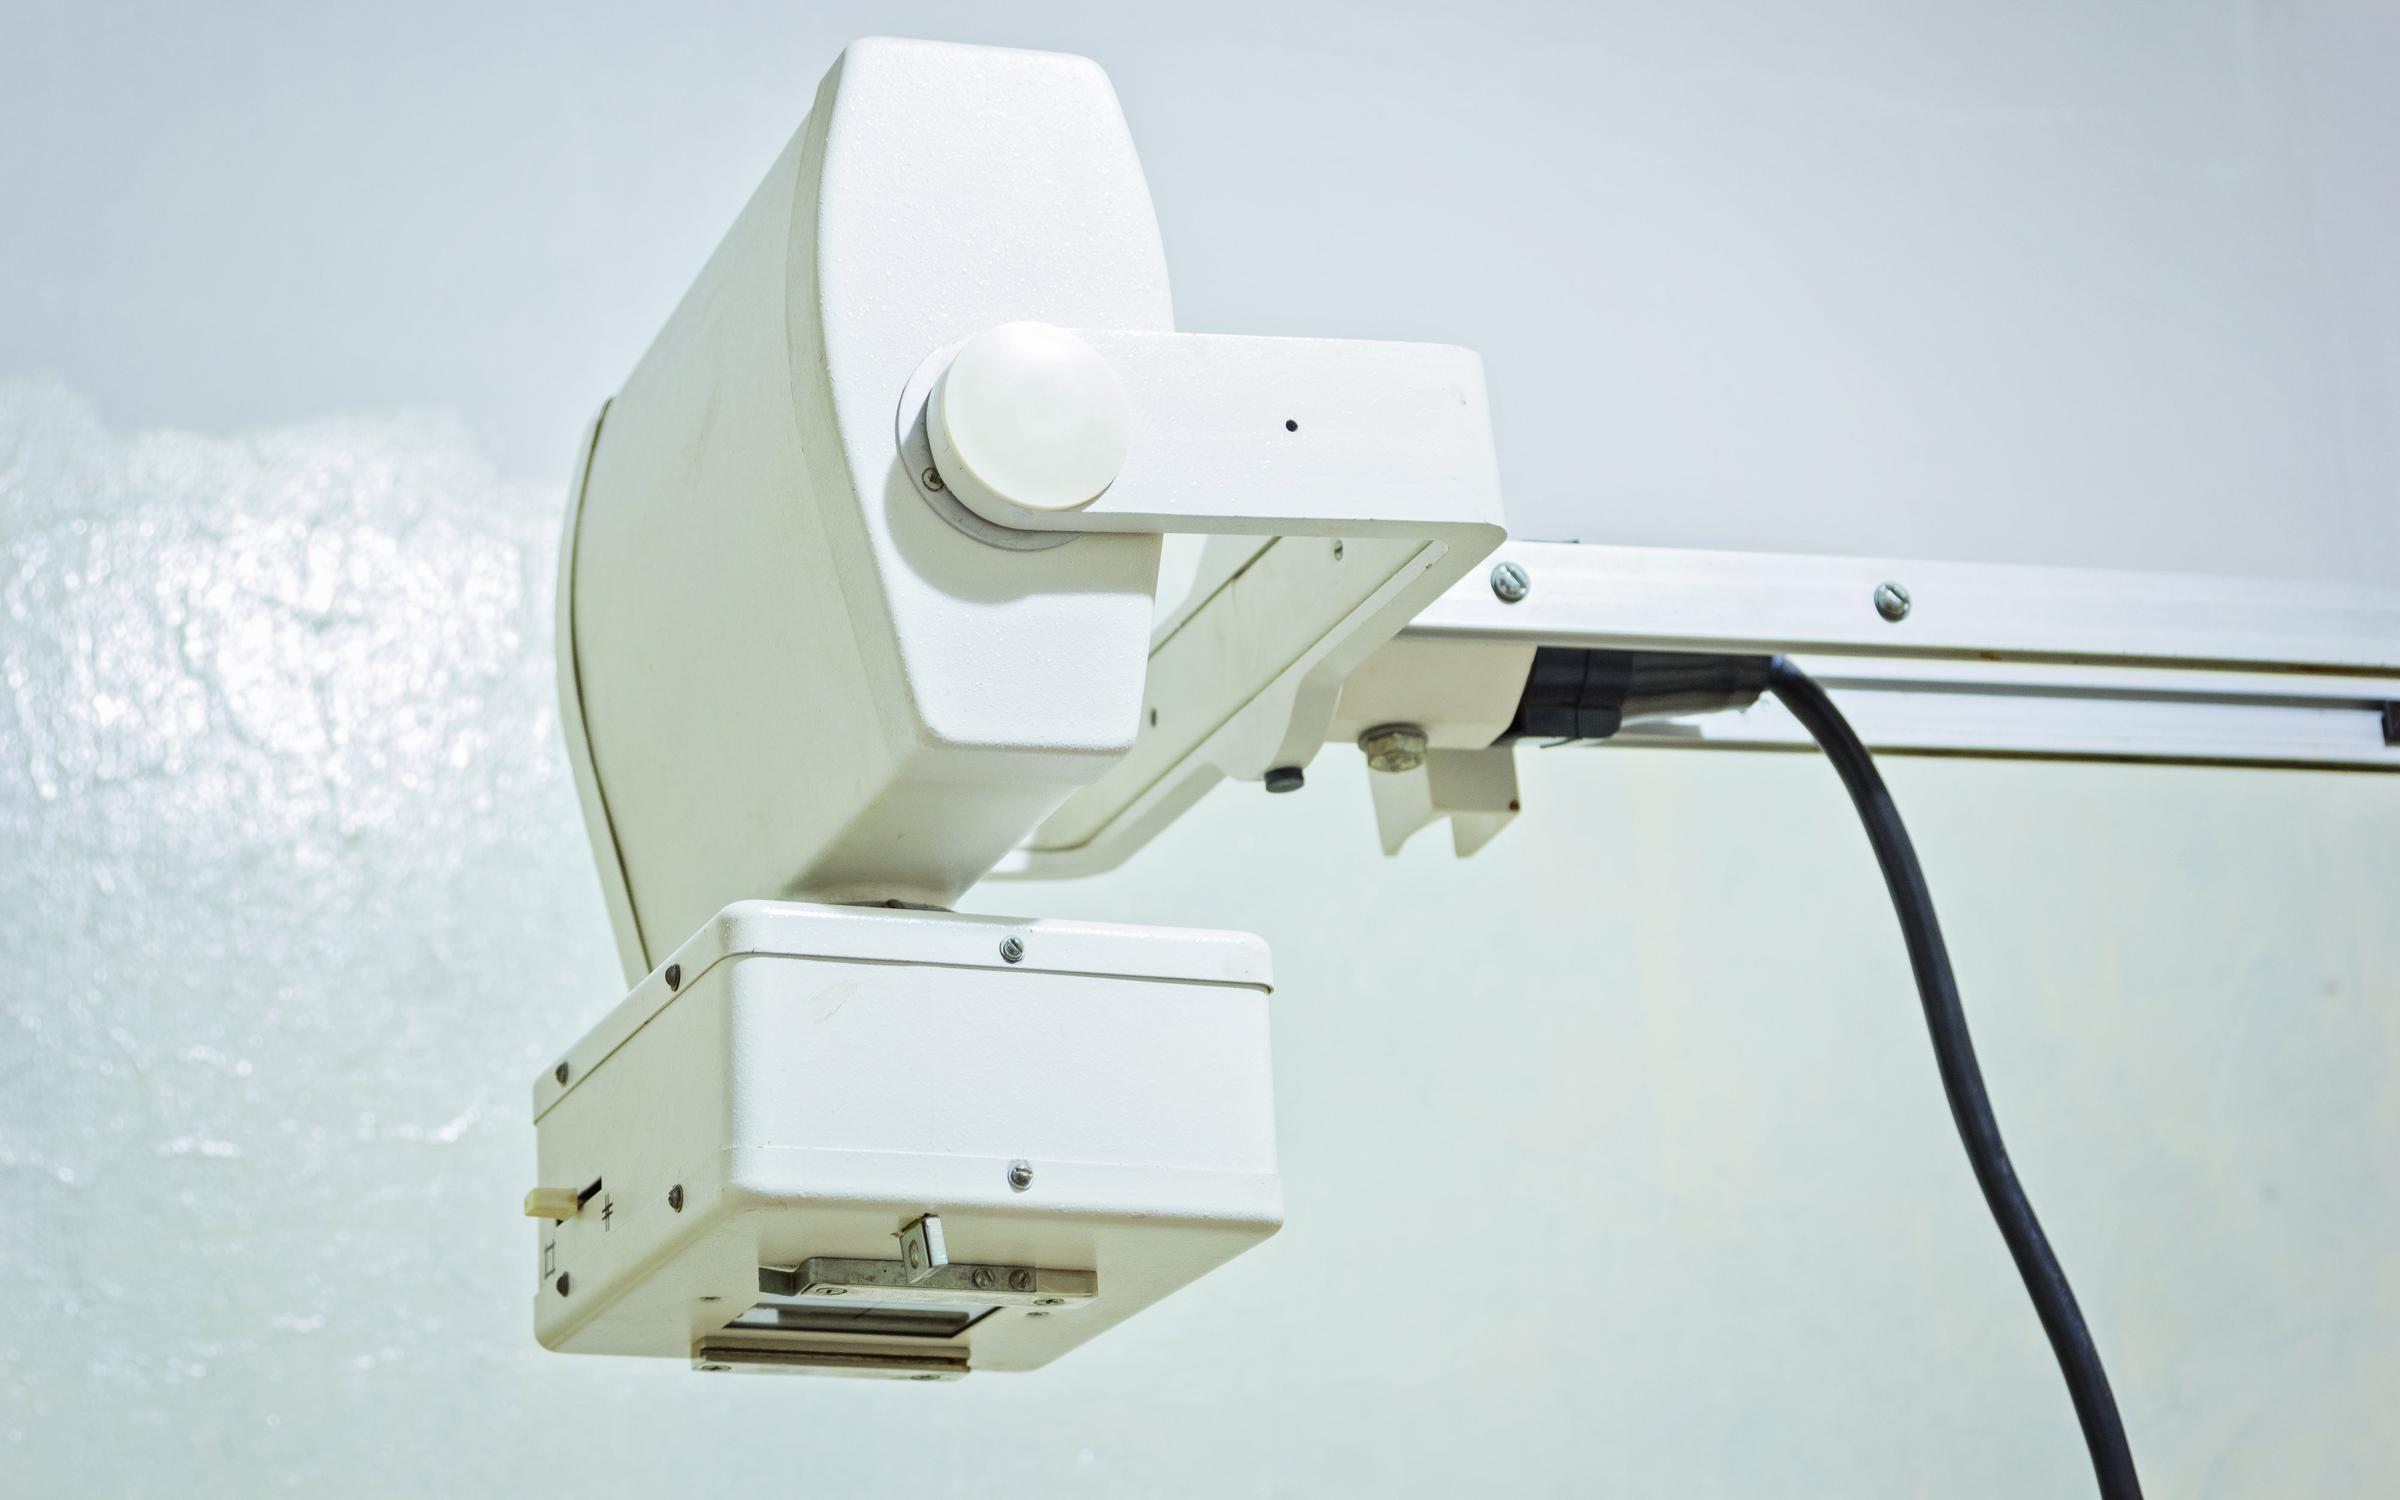 Клиники лазерной операции на глаза в санкт-петербурге